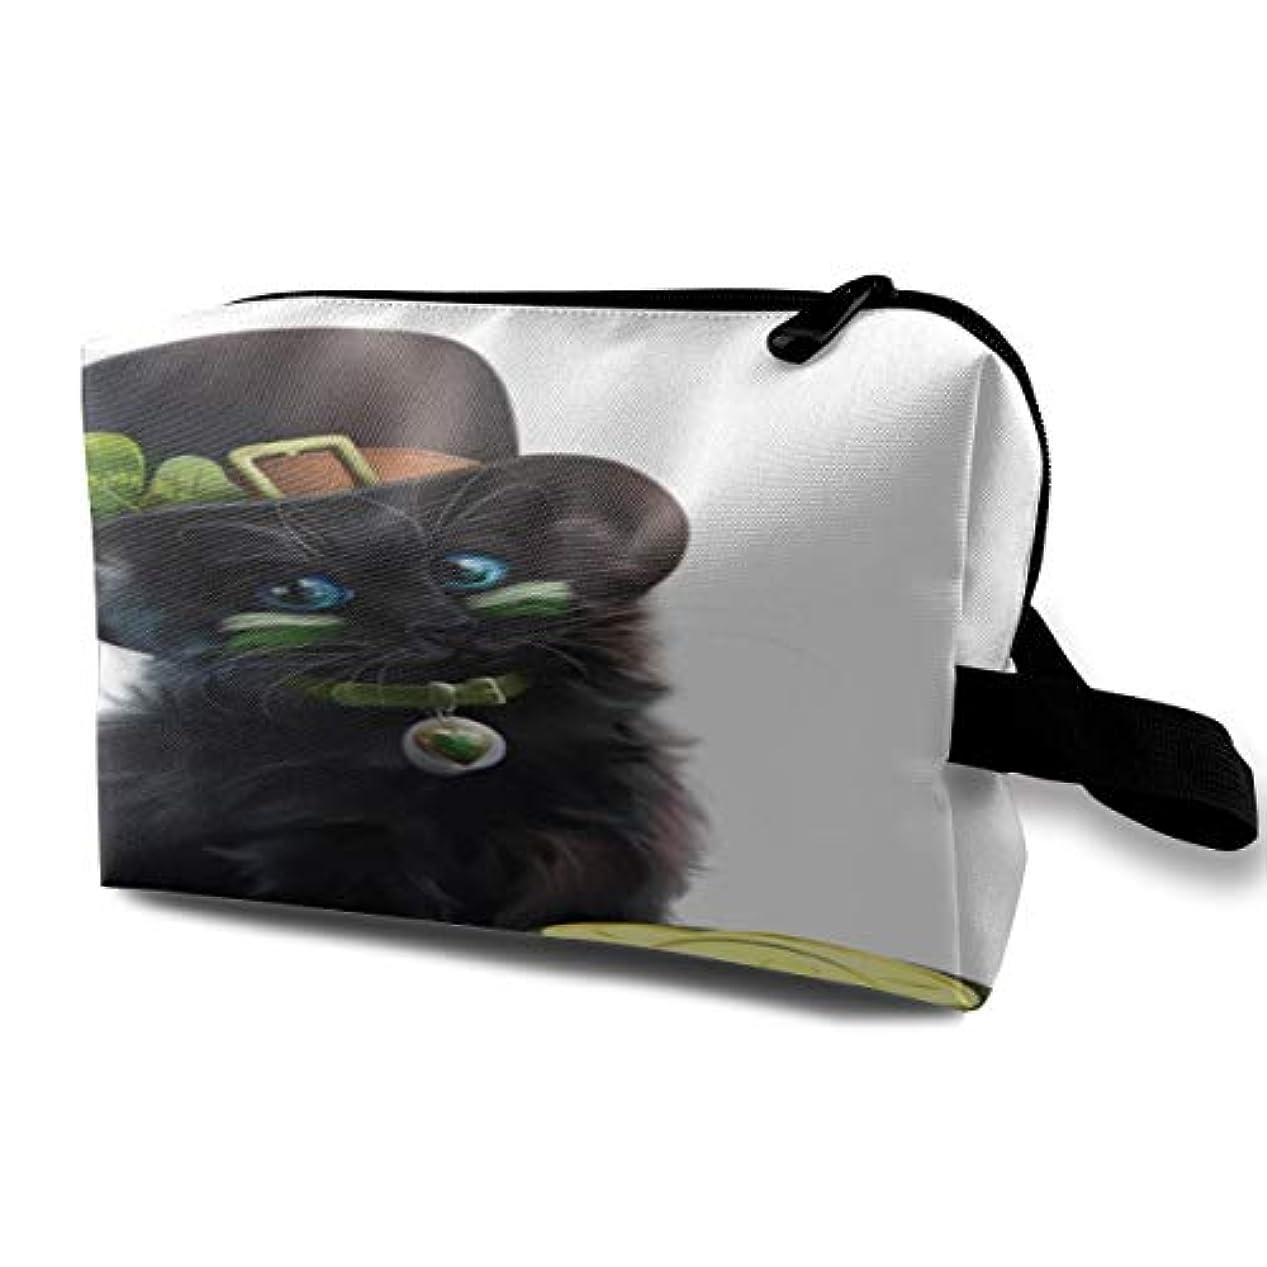 ベーカリー独立した電極St Patricks Day Cute Kitten 収納ポーチ 化粧ポーチ 大容量 軽量 耐久性 ハンドル付持ち運び便利。入れ 自宅?出張?旅行?アウトドア撮影などに対応。メンズ レディース トラベルグッズ